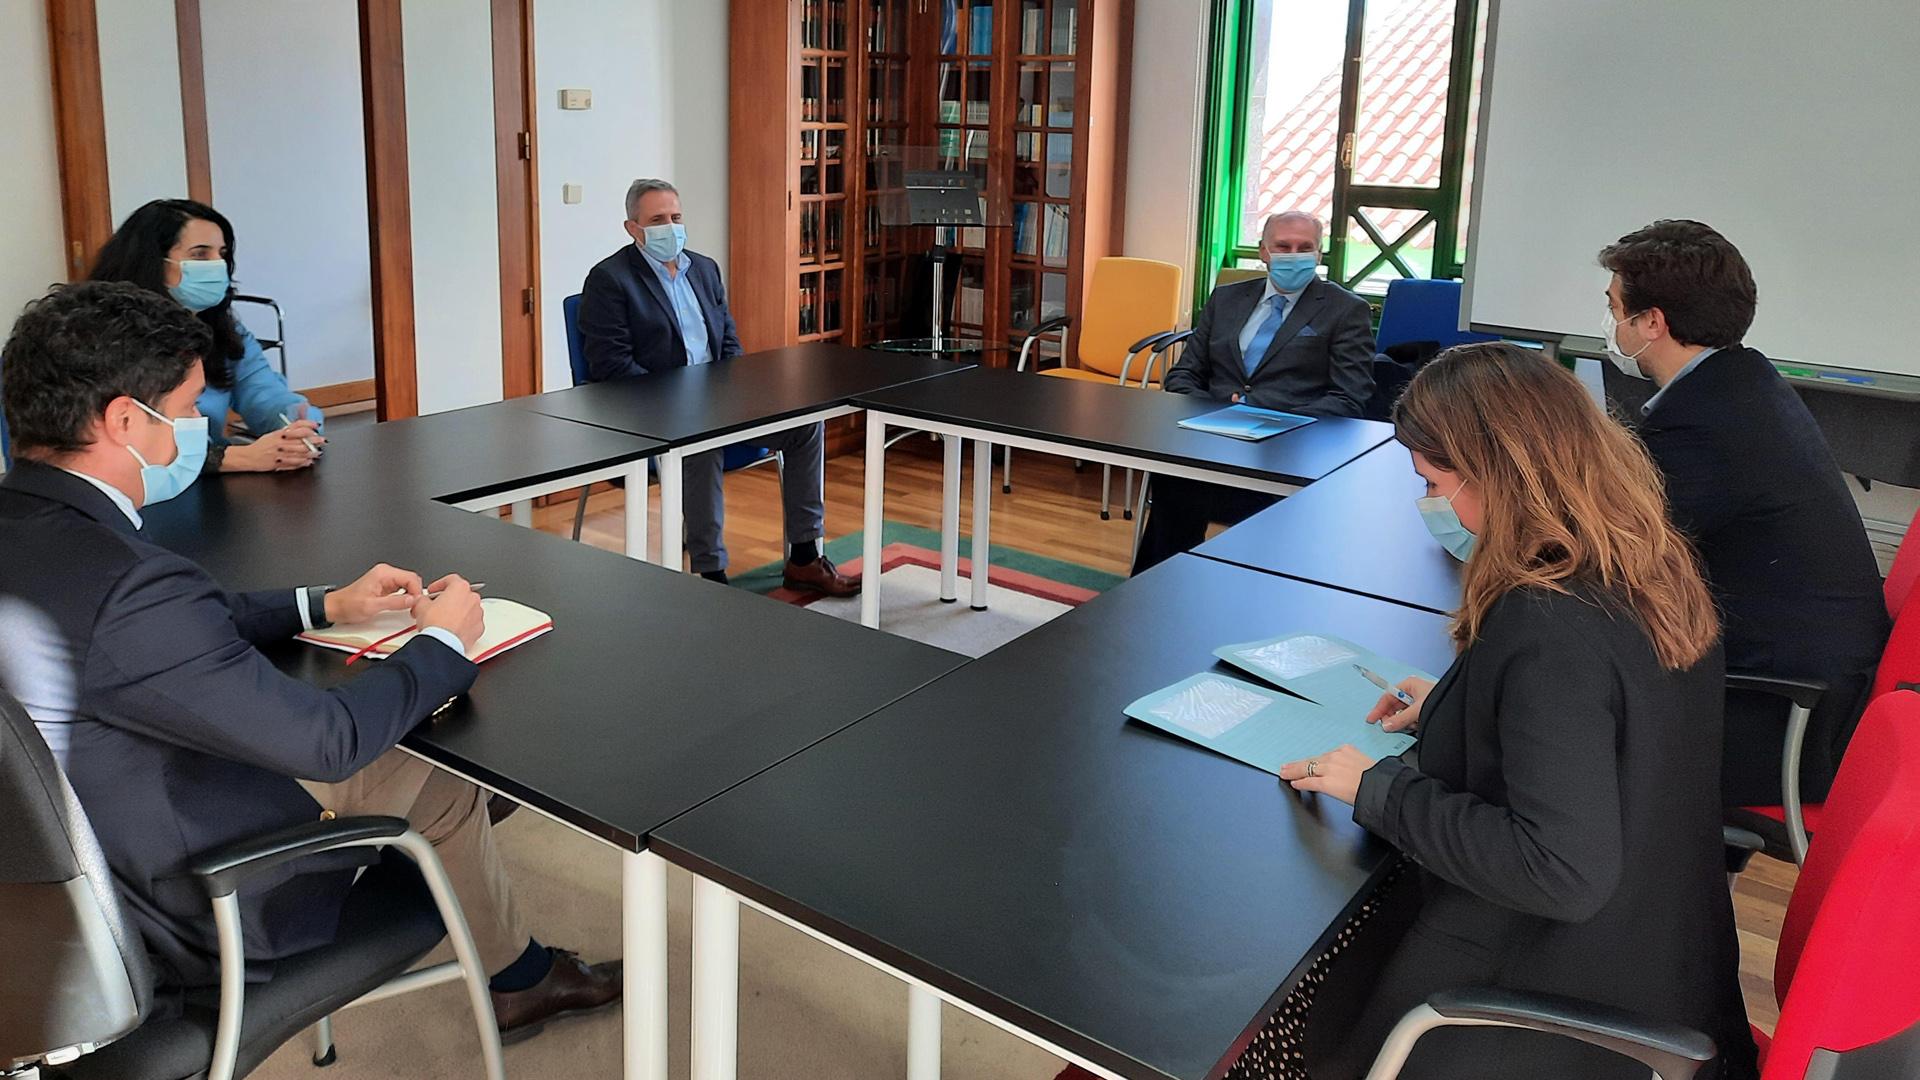 Governo dos Açores reforça número de camas da Rede Regional de Cuidados Continuados Integrados na ilha Terceira